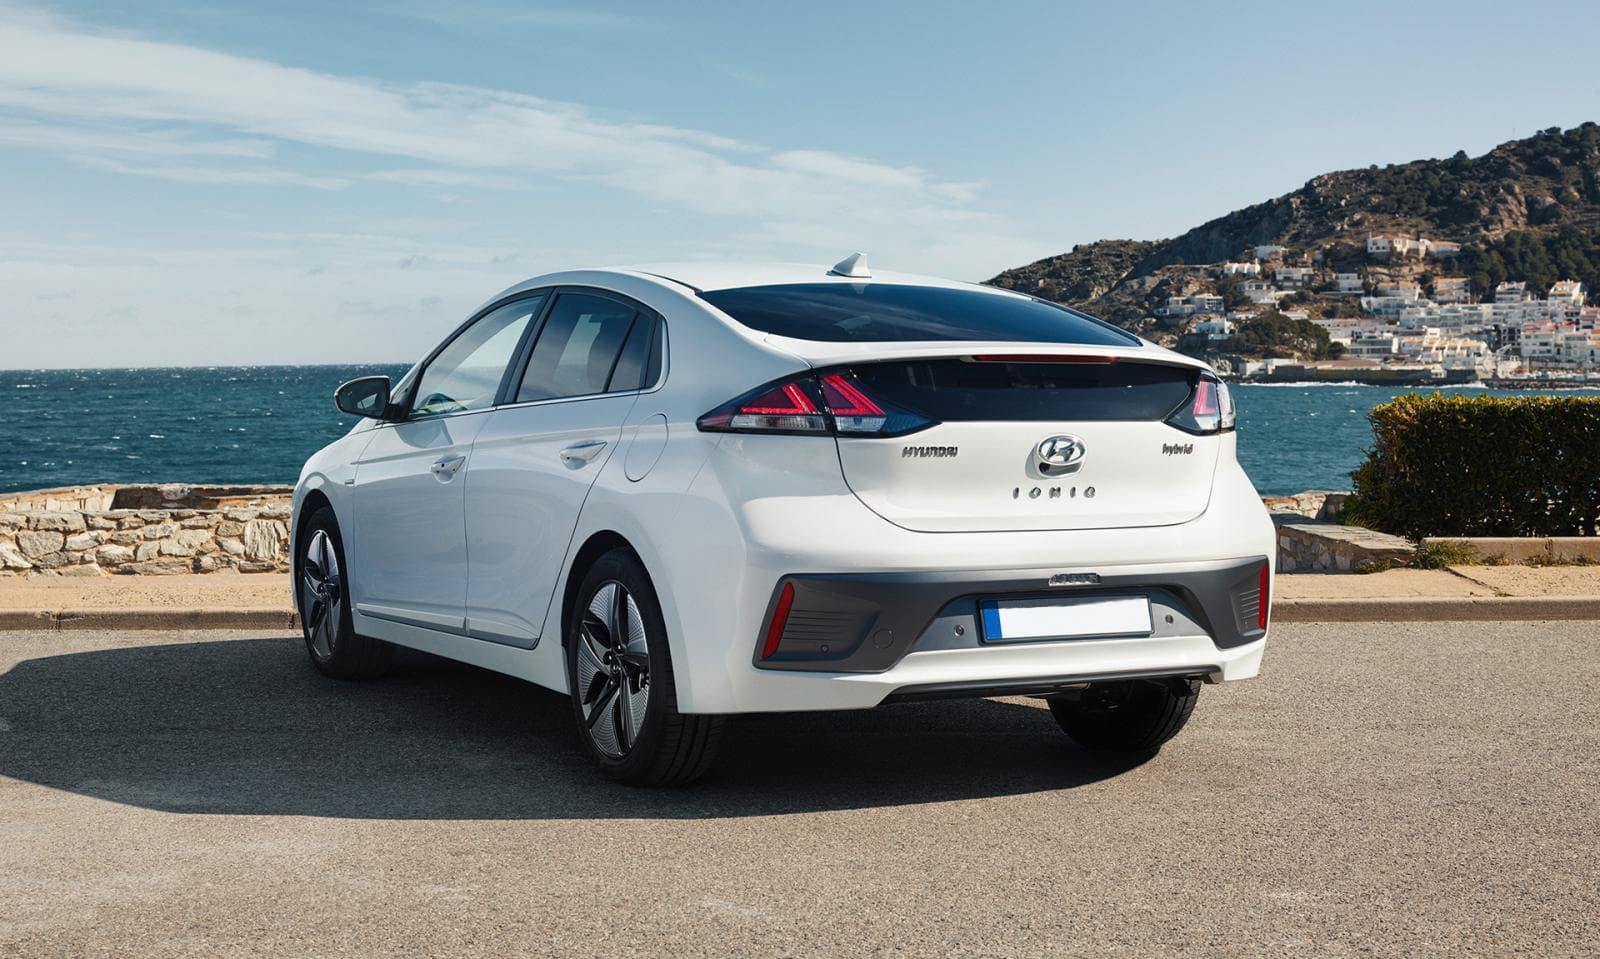 Renting Hyundai Ionic